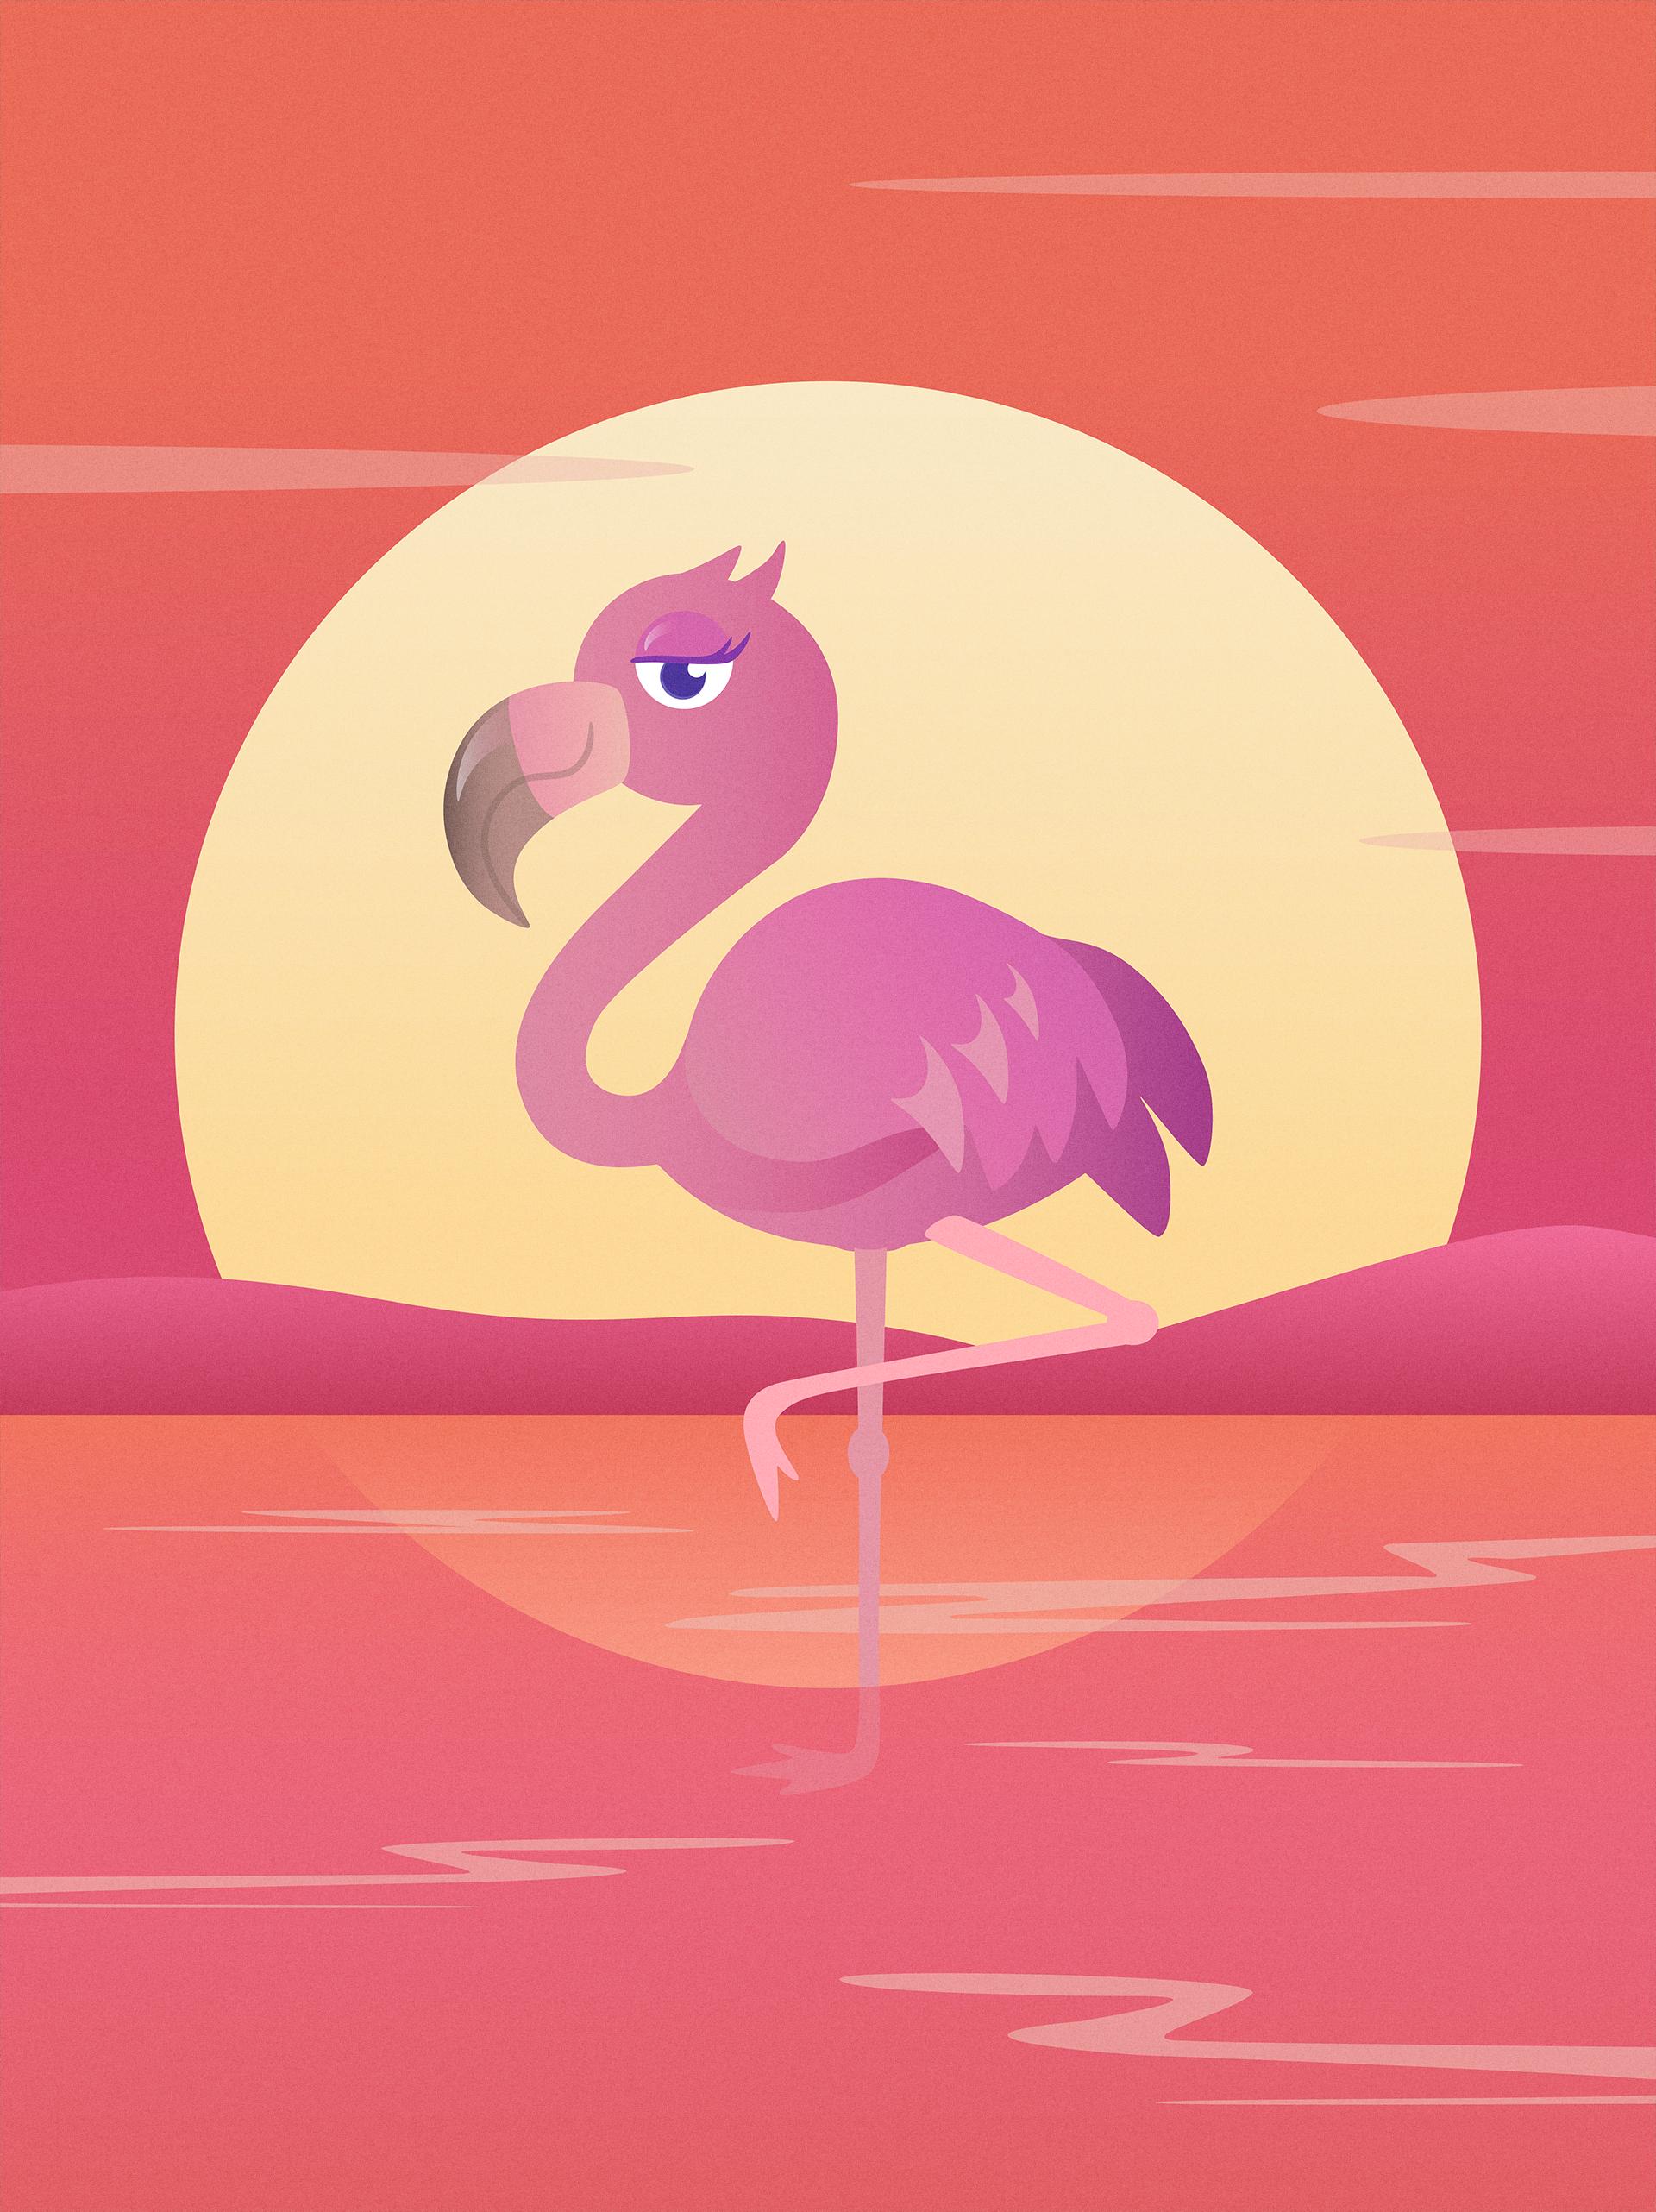 Flamingo_MariaThulin-2